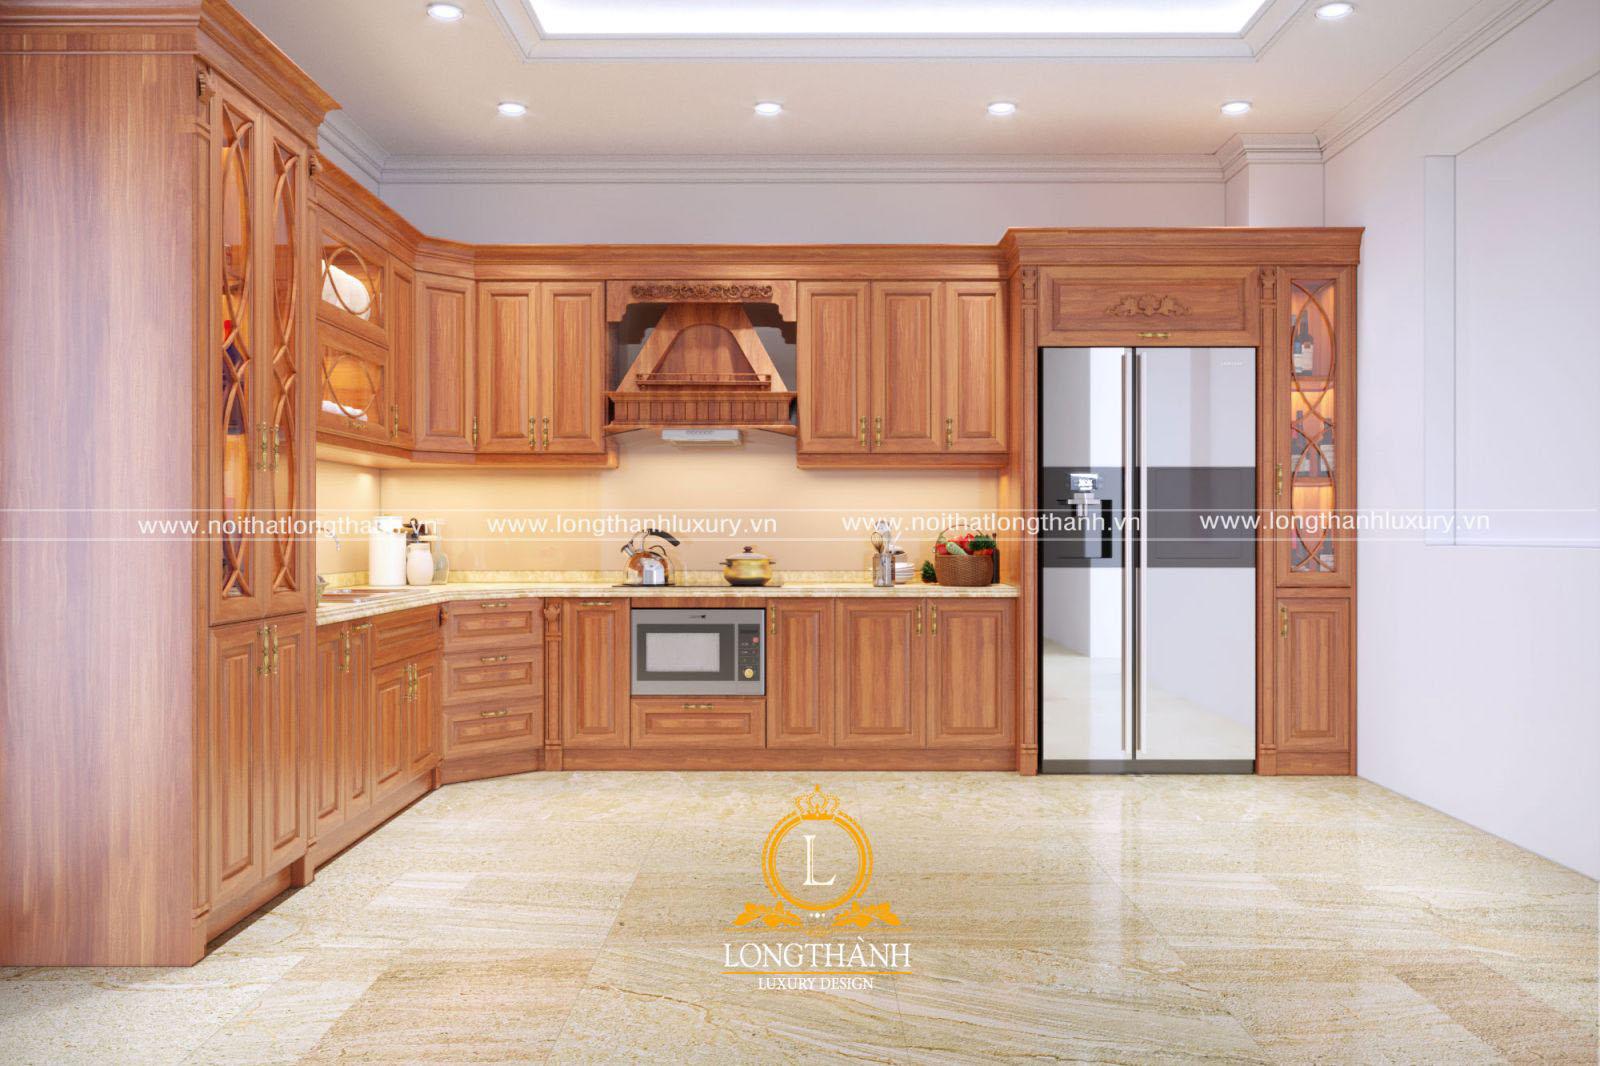 tủ bếp gỗ tự nhiên sơn pu lt46 góc nhìn thứ 2